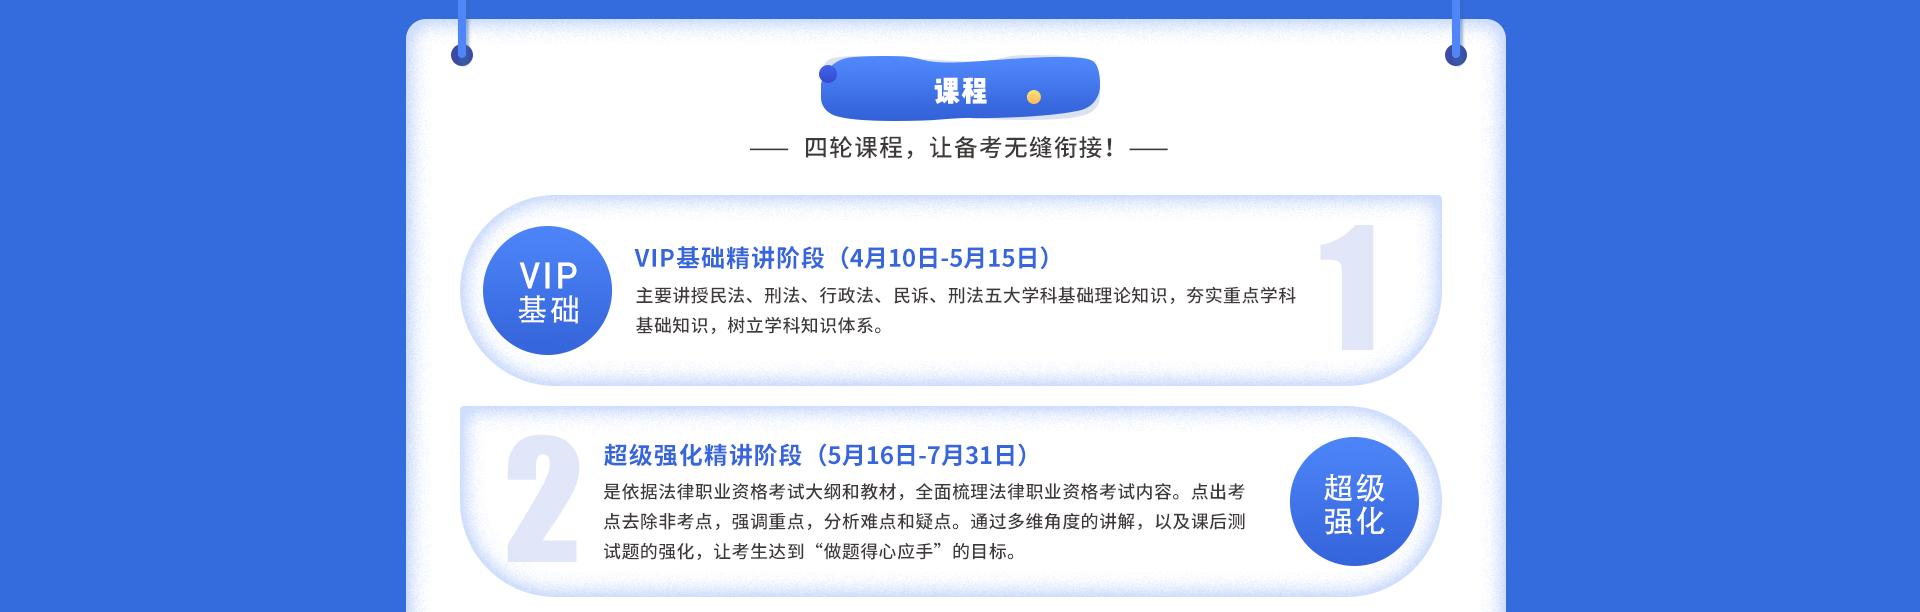 改-专题页面:VIP协议班1920x_05.png